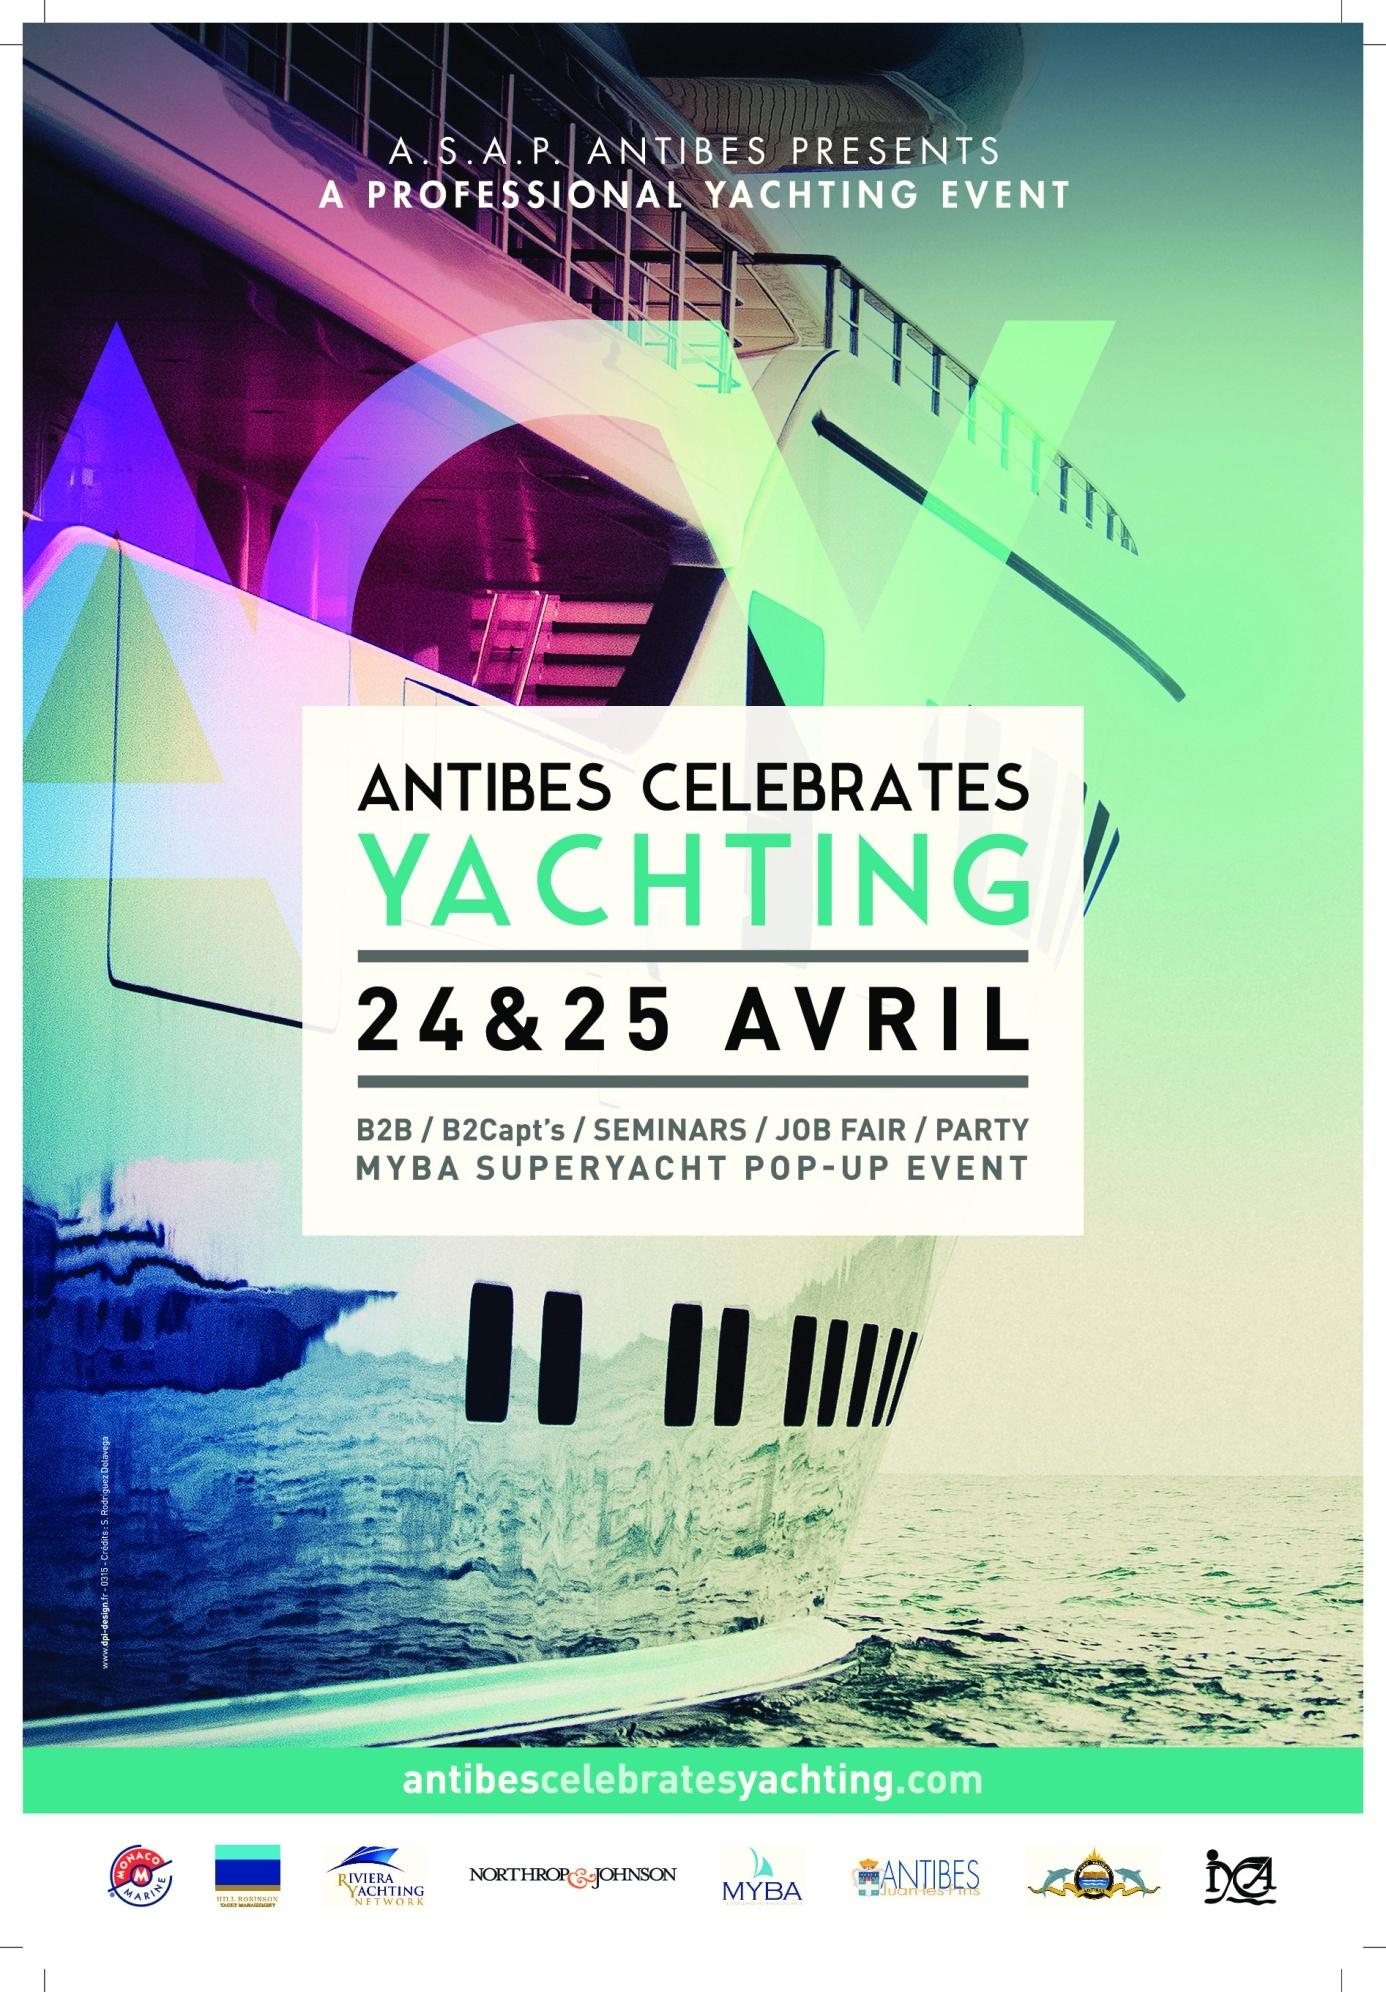 Il primo salone nautico internazionale della stagione si svolge come sempre ad Antibes